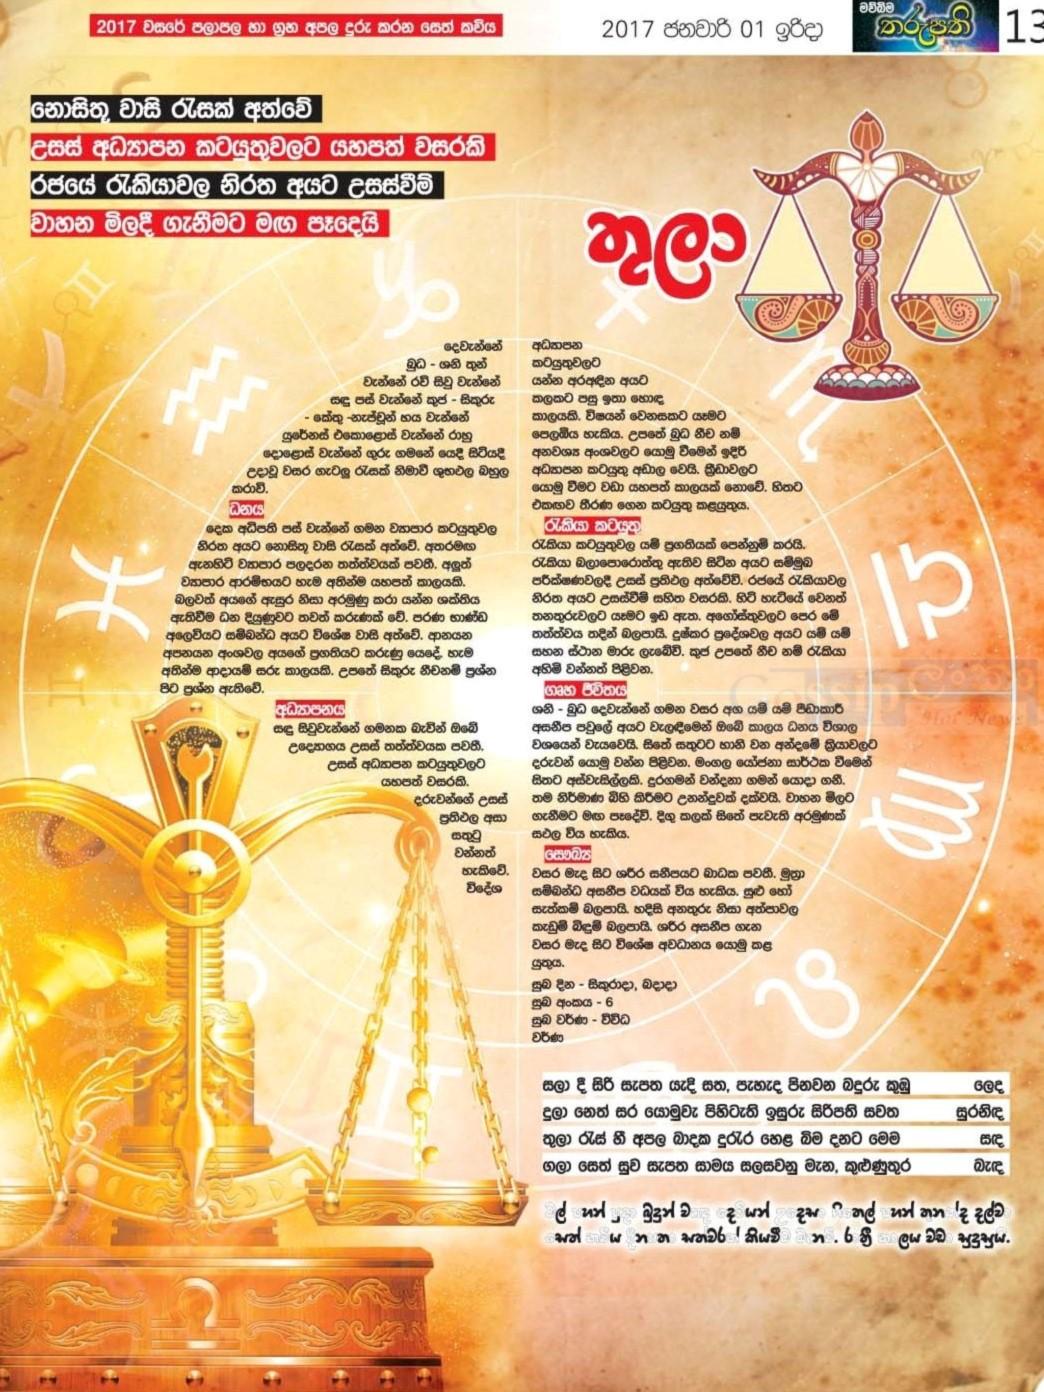 Mawbima Newspaper 2017 Lagna Palapala